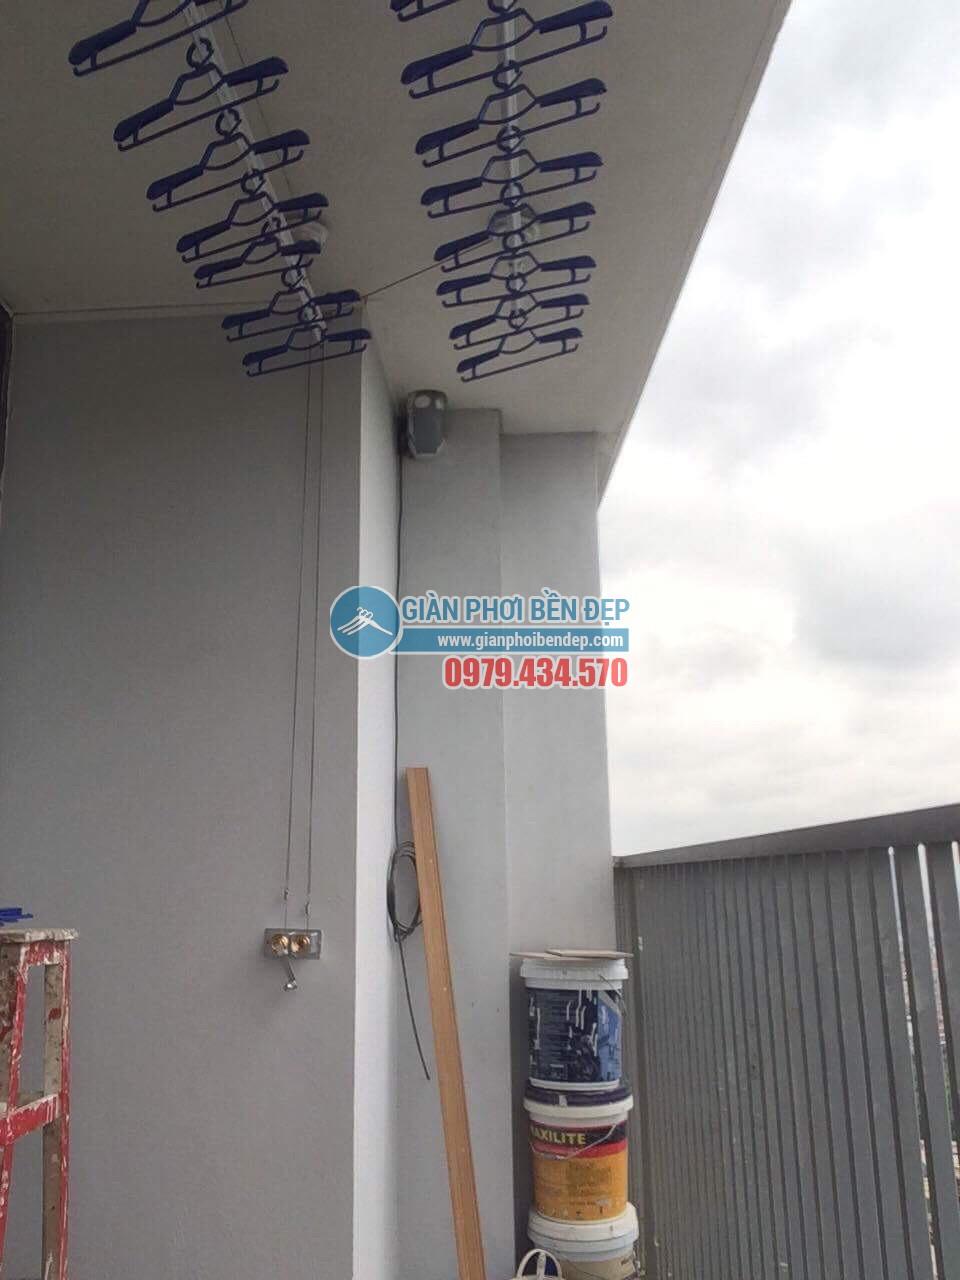 Lắp đặt giàn phơi thông minh tại ban công nhà chị Linh, New Skyline Văn Quán - 05